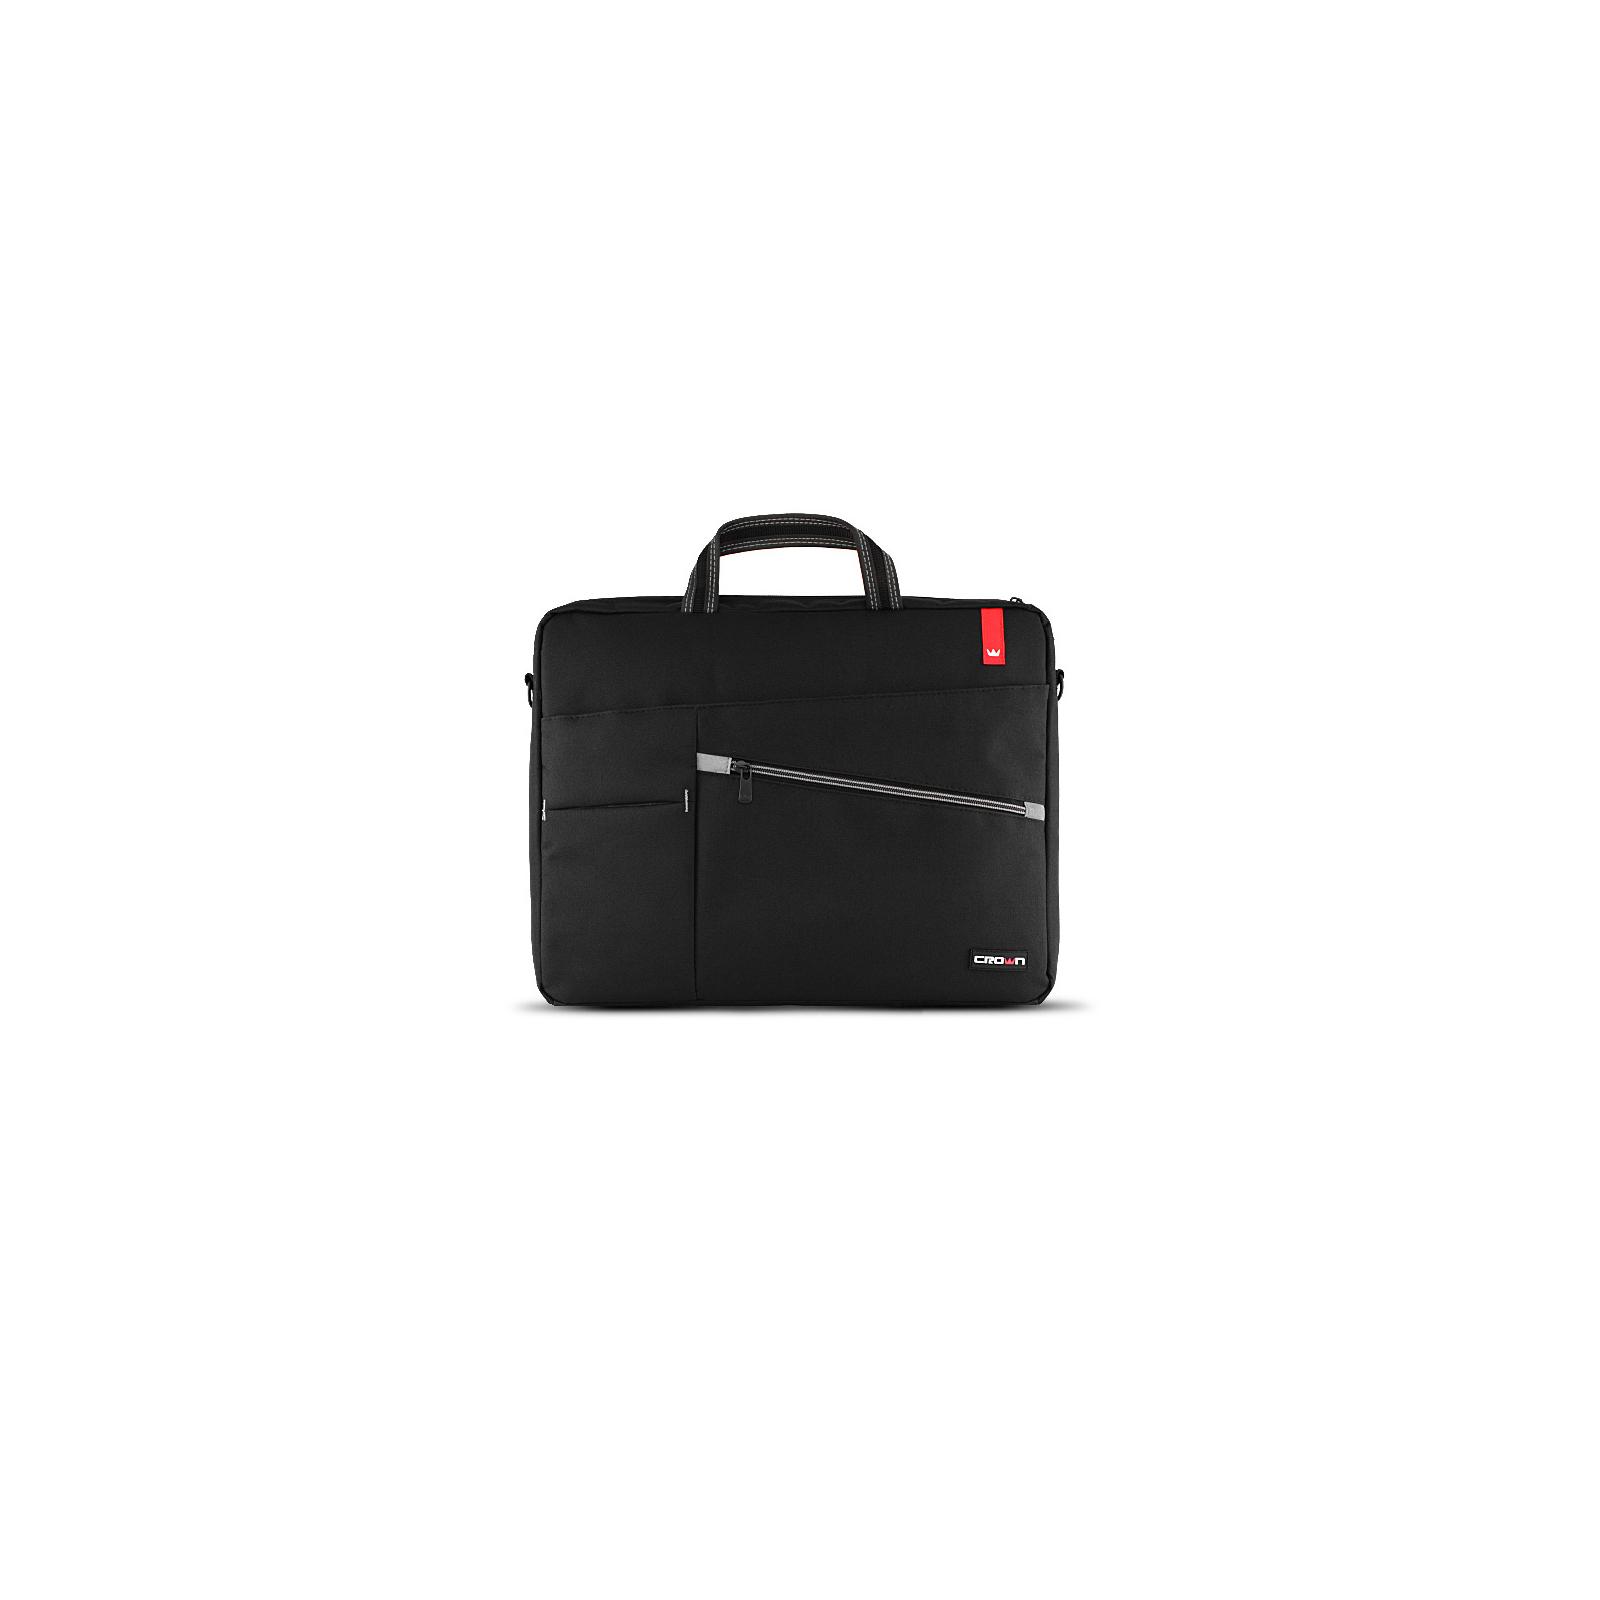 Сумка для ноутбука Crown 17 Classic black (CMB-558)